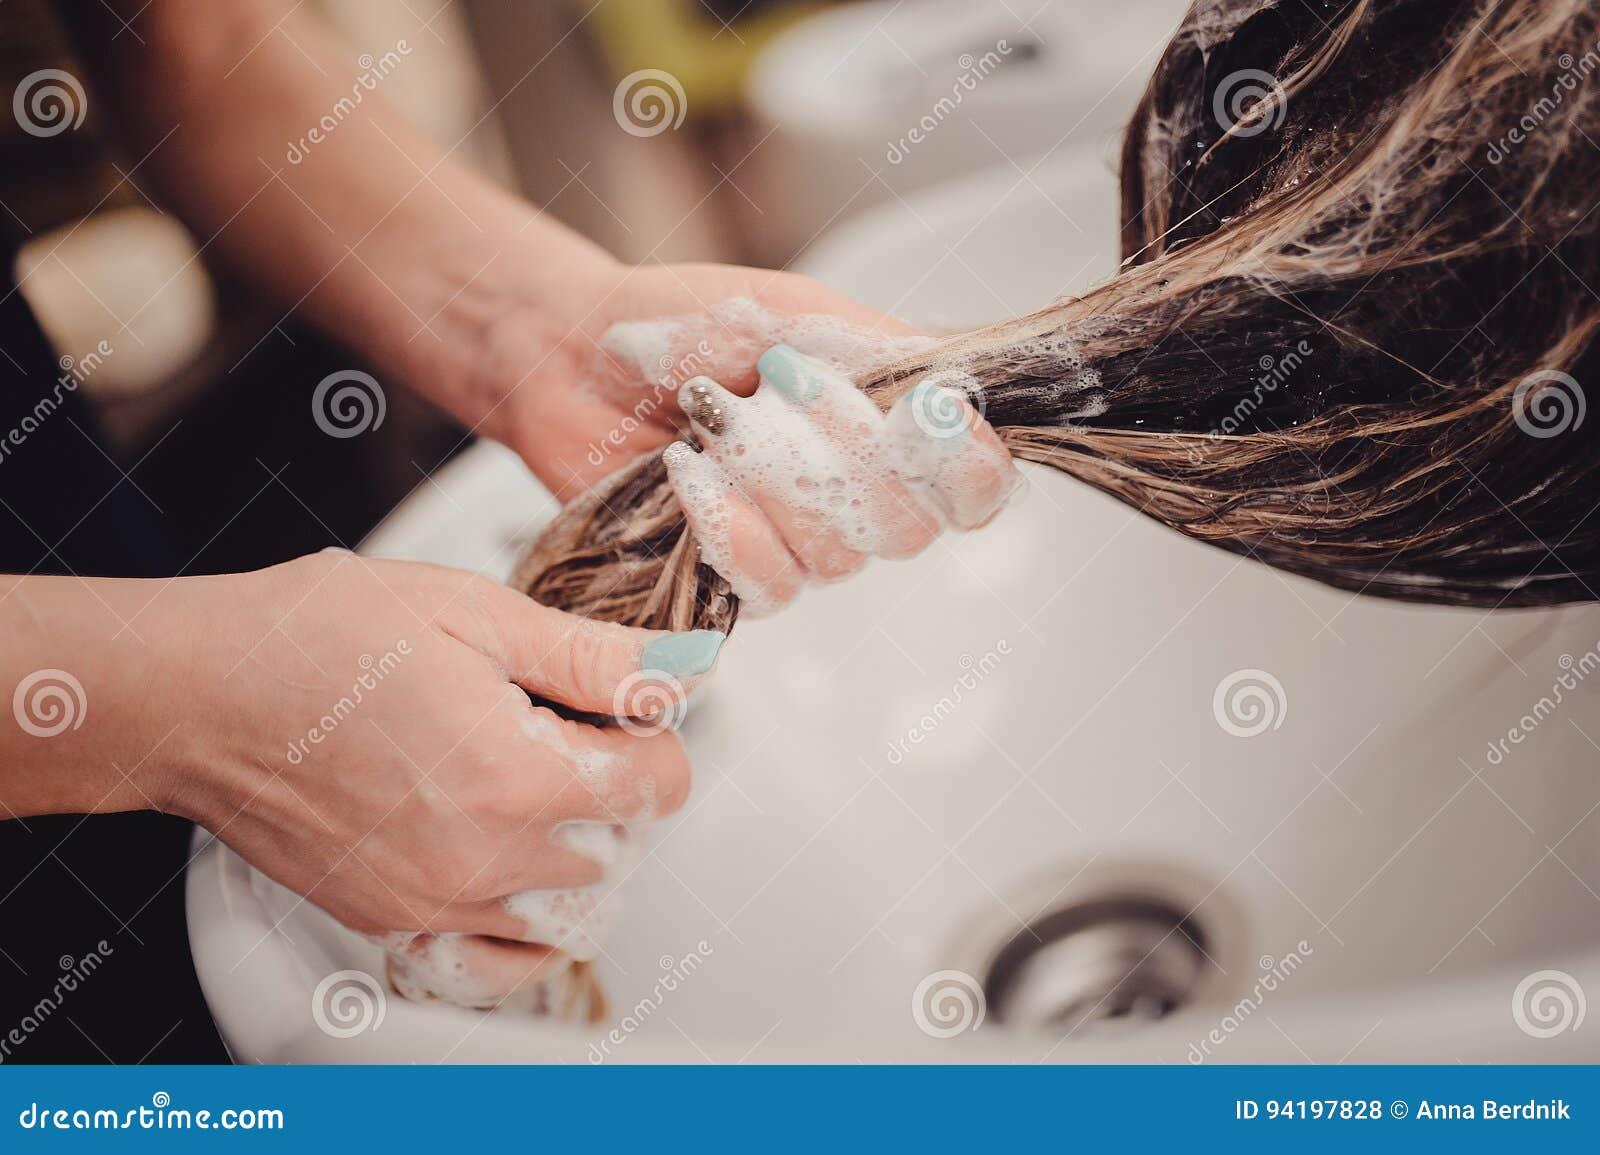 Fille dans un salon de beauté lavez-vous les cheveux, soins capillaires, santé